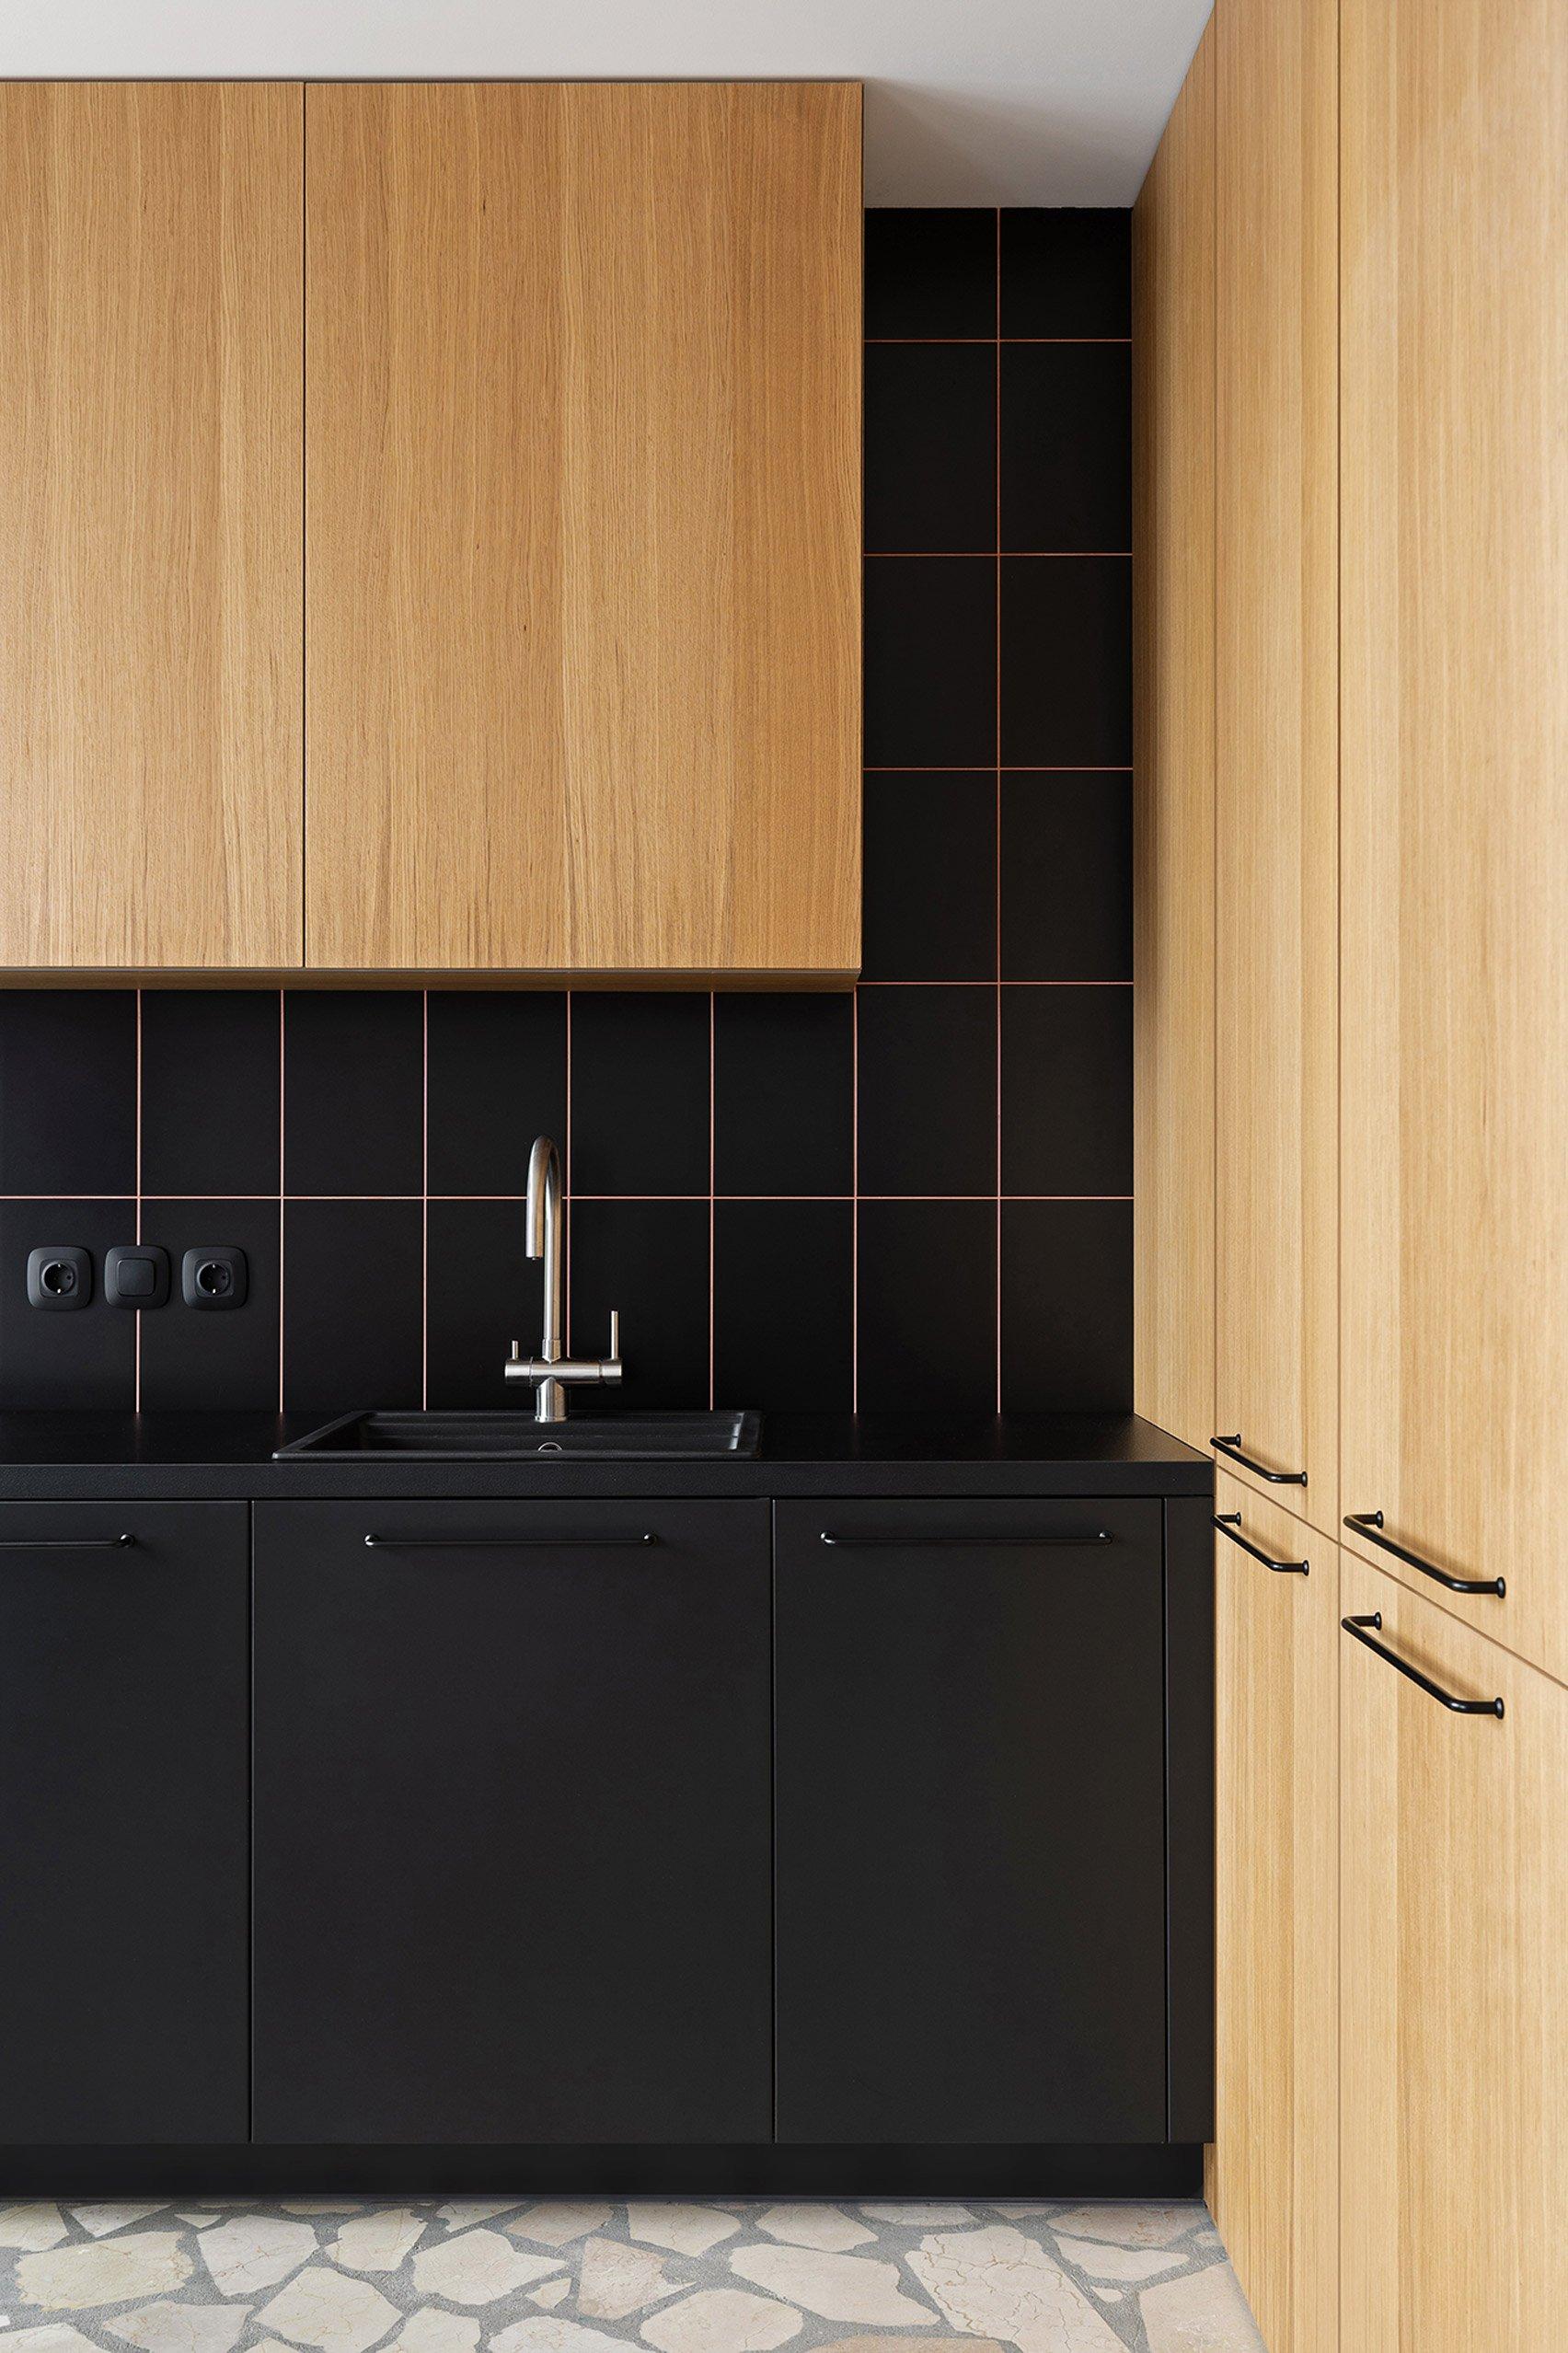 butas Egr-apartment-ater-architects-kyiv-ukraine-architecture_dezeen_1704_col_2